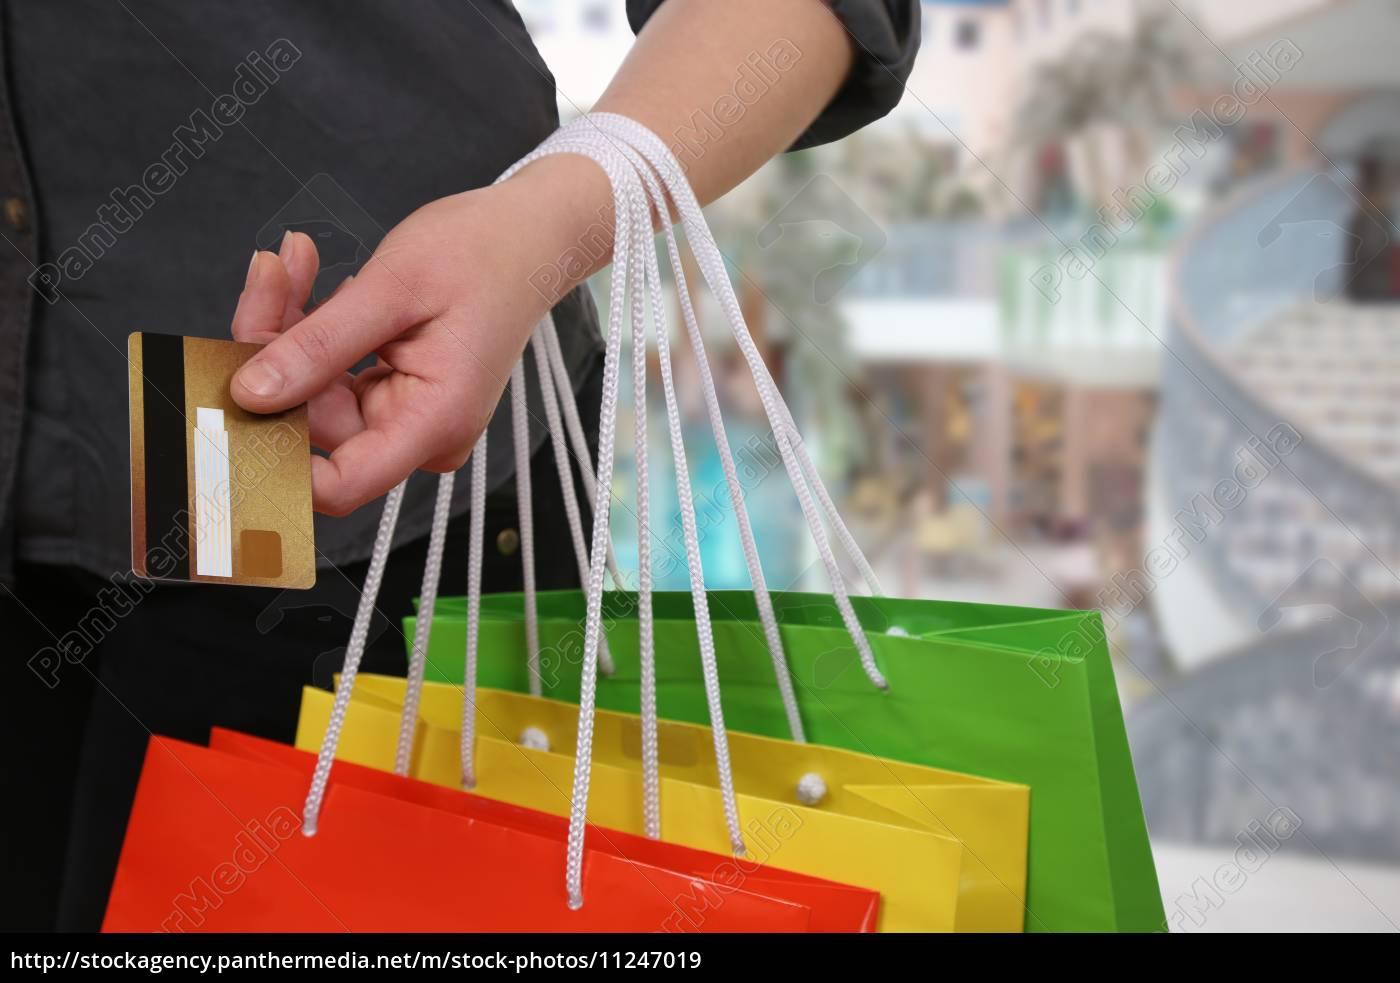 frau, beim, bezahlen, vom, einkauf, mit - 11247019